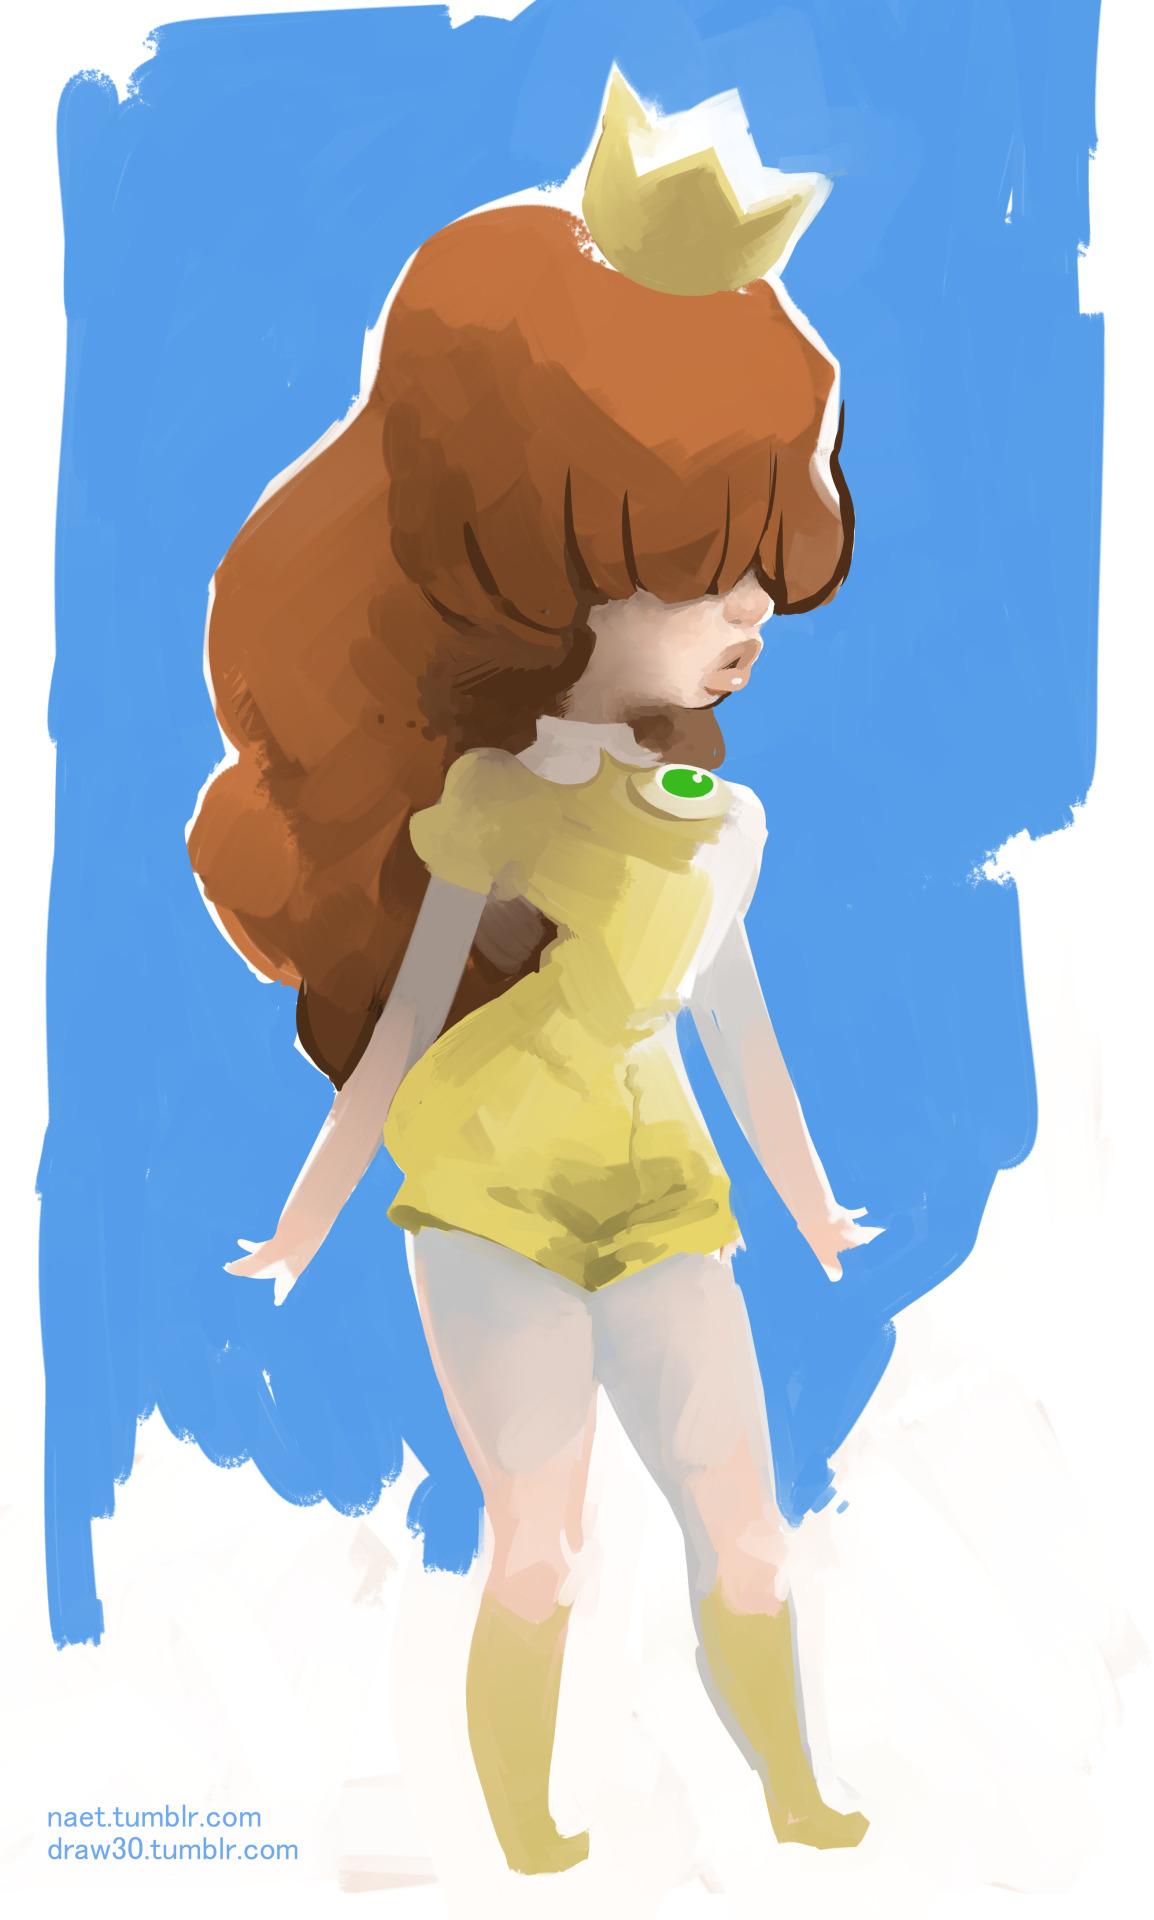 hi i'm daisy